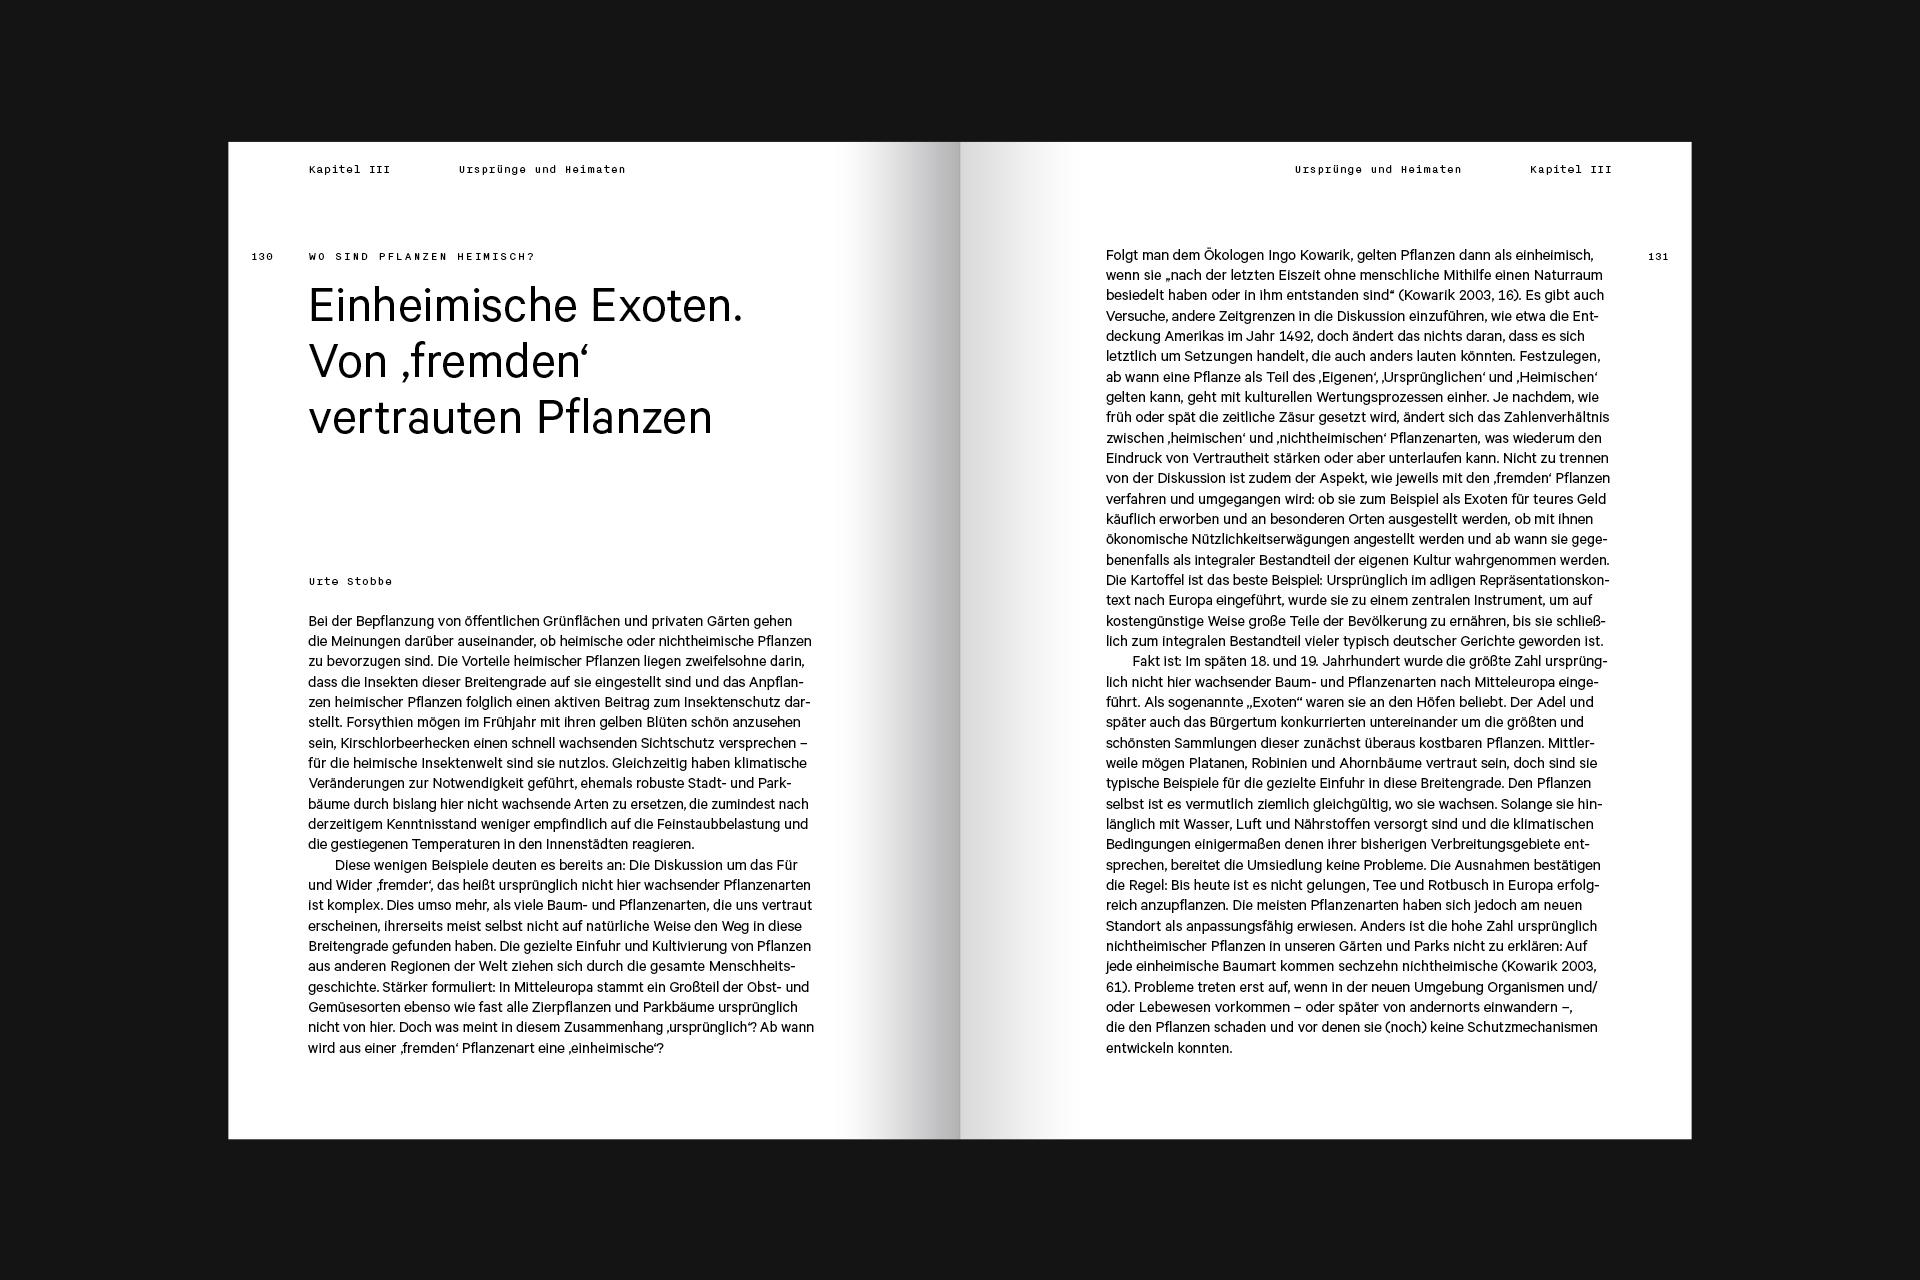 SSW_DHMD_Pflanzen_16